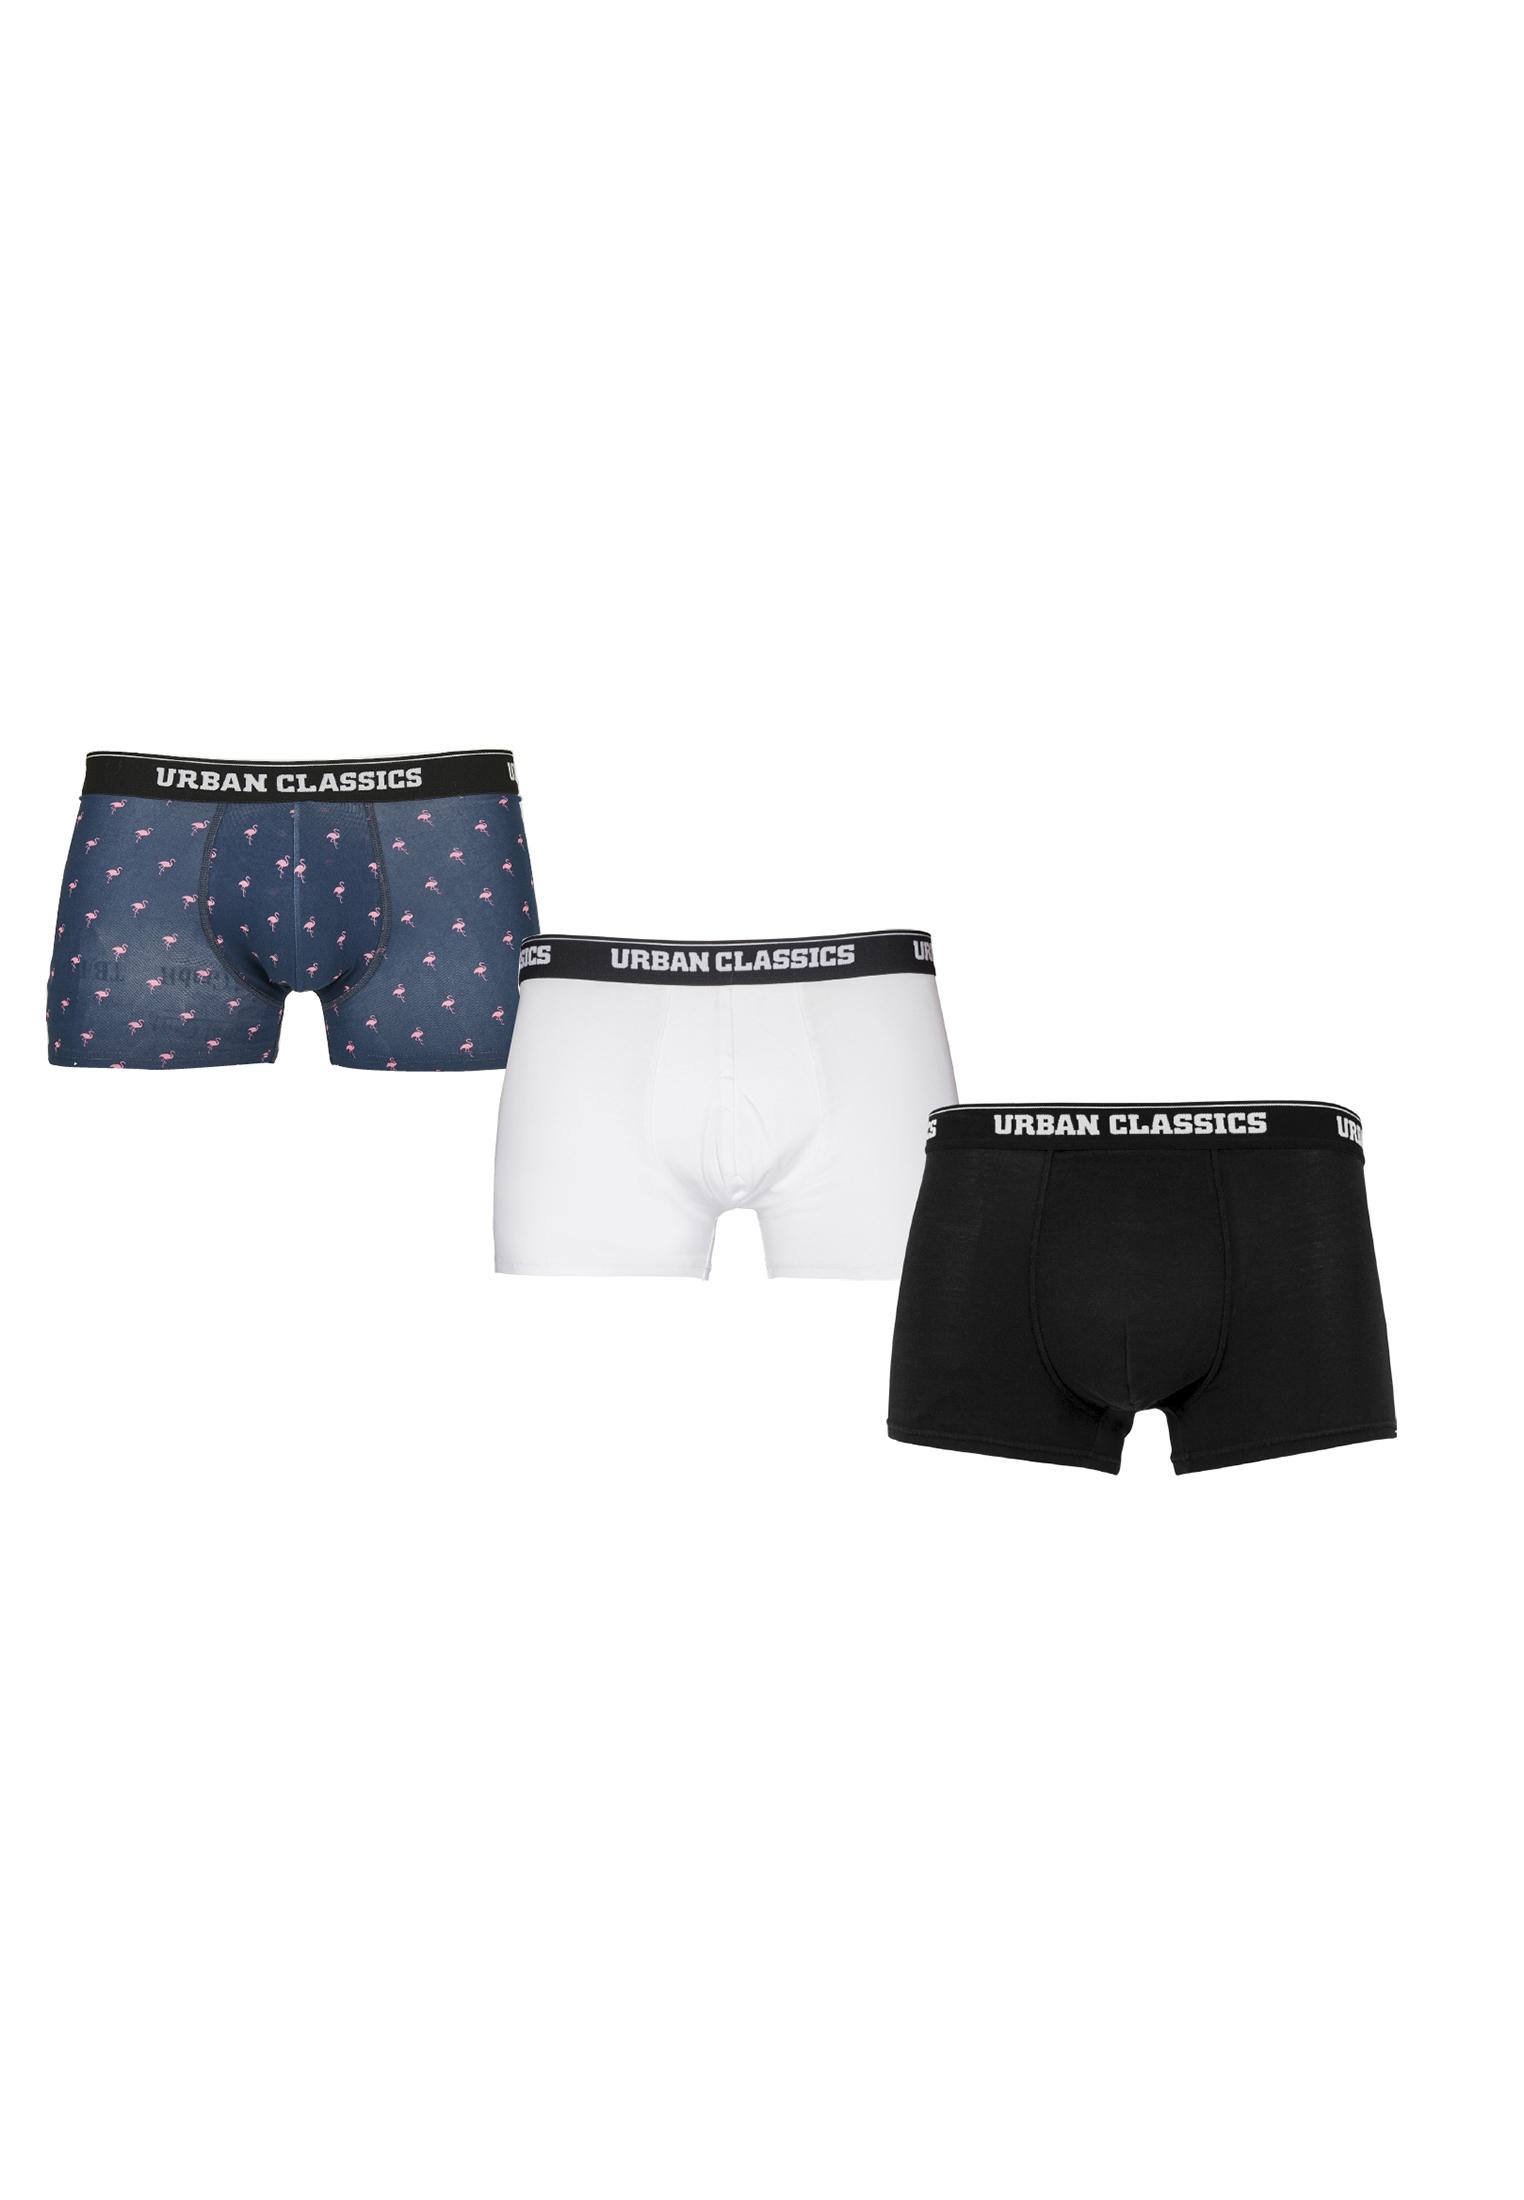 Urban Classics Boxer Shorts 3-Pack flamingo aop+wht+blk - 3XL